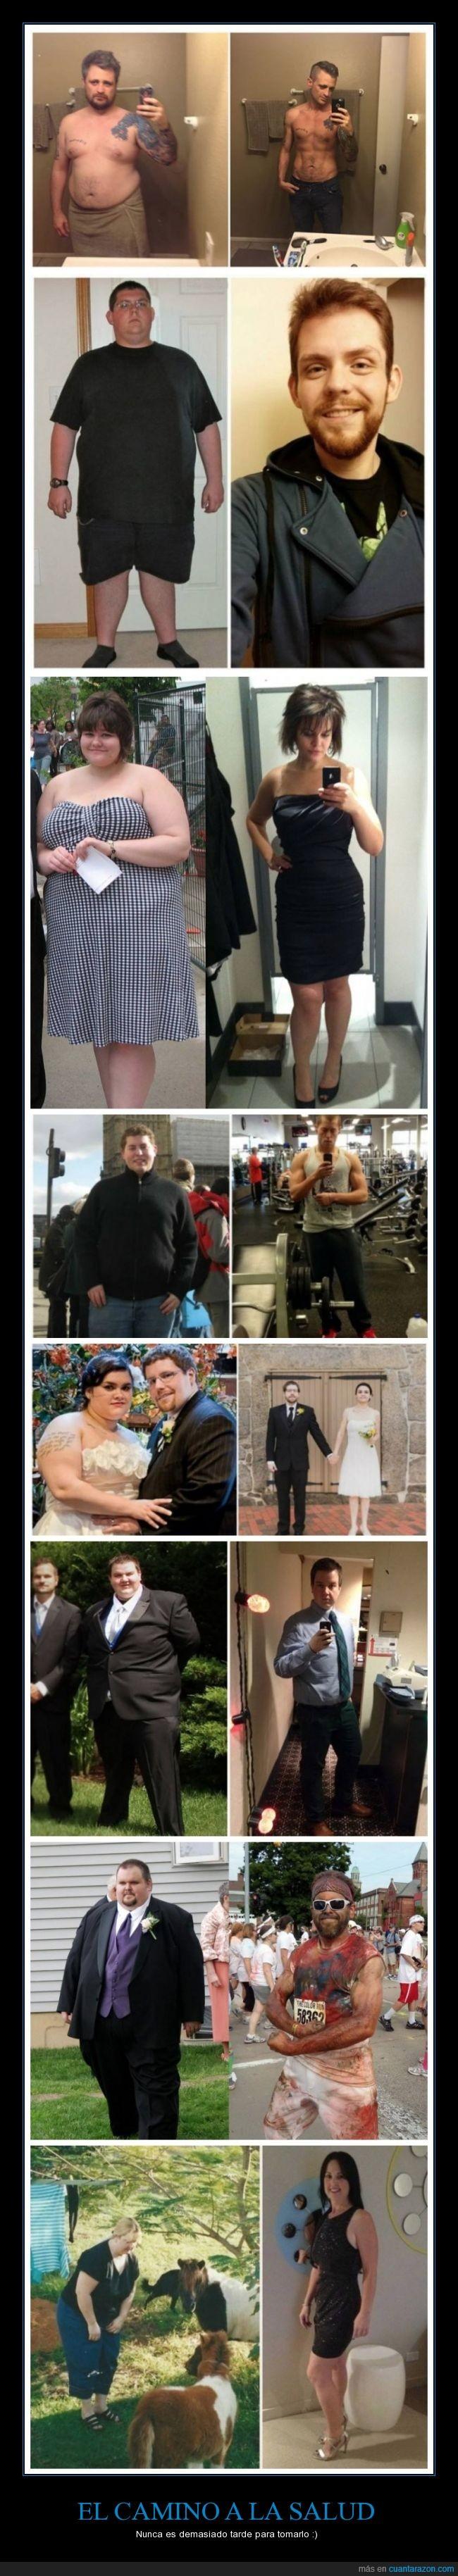 adelgazar,alimentacion,delgado,ejercicio,obesidad,perder,peso,salud,sano